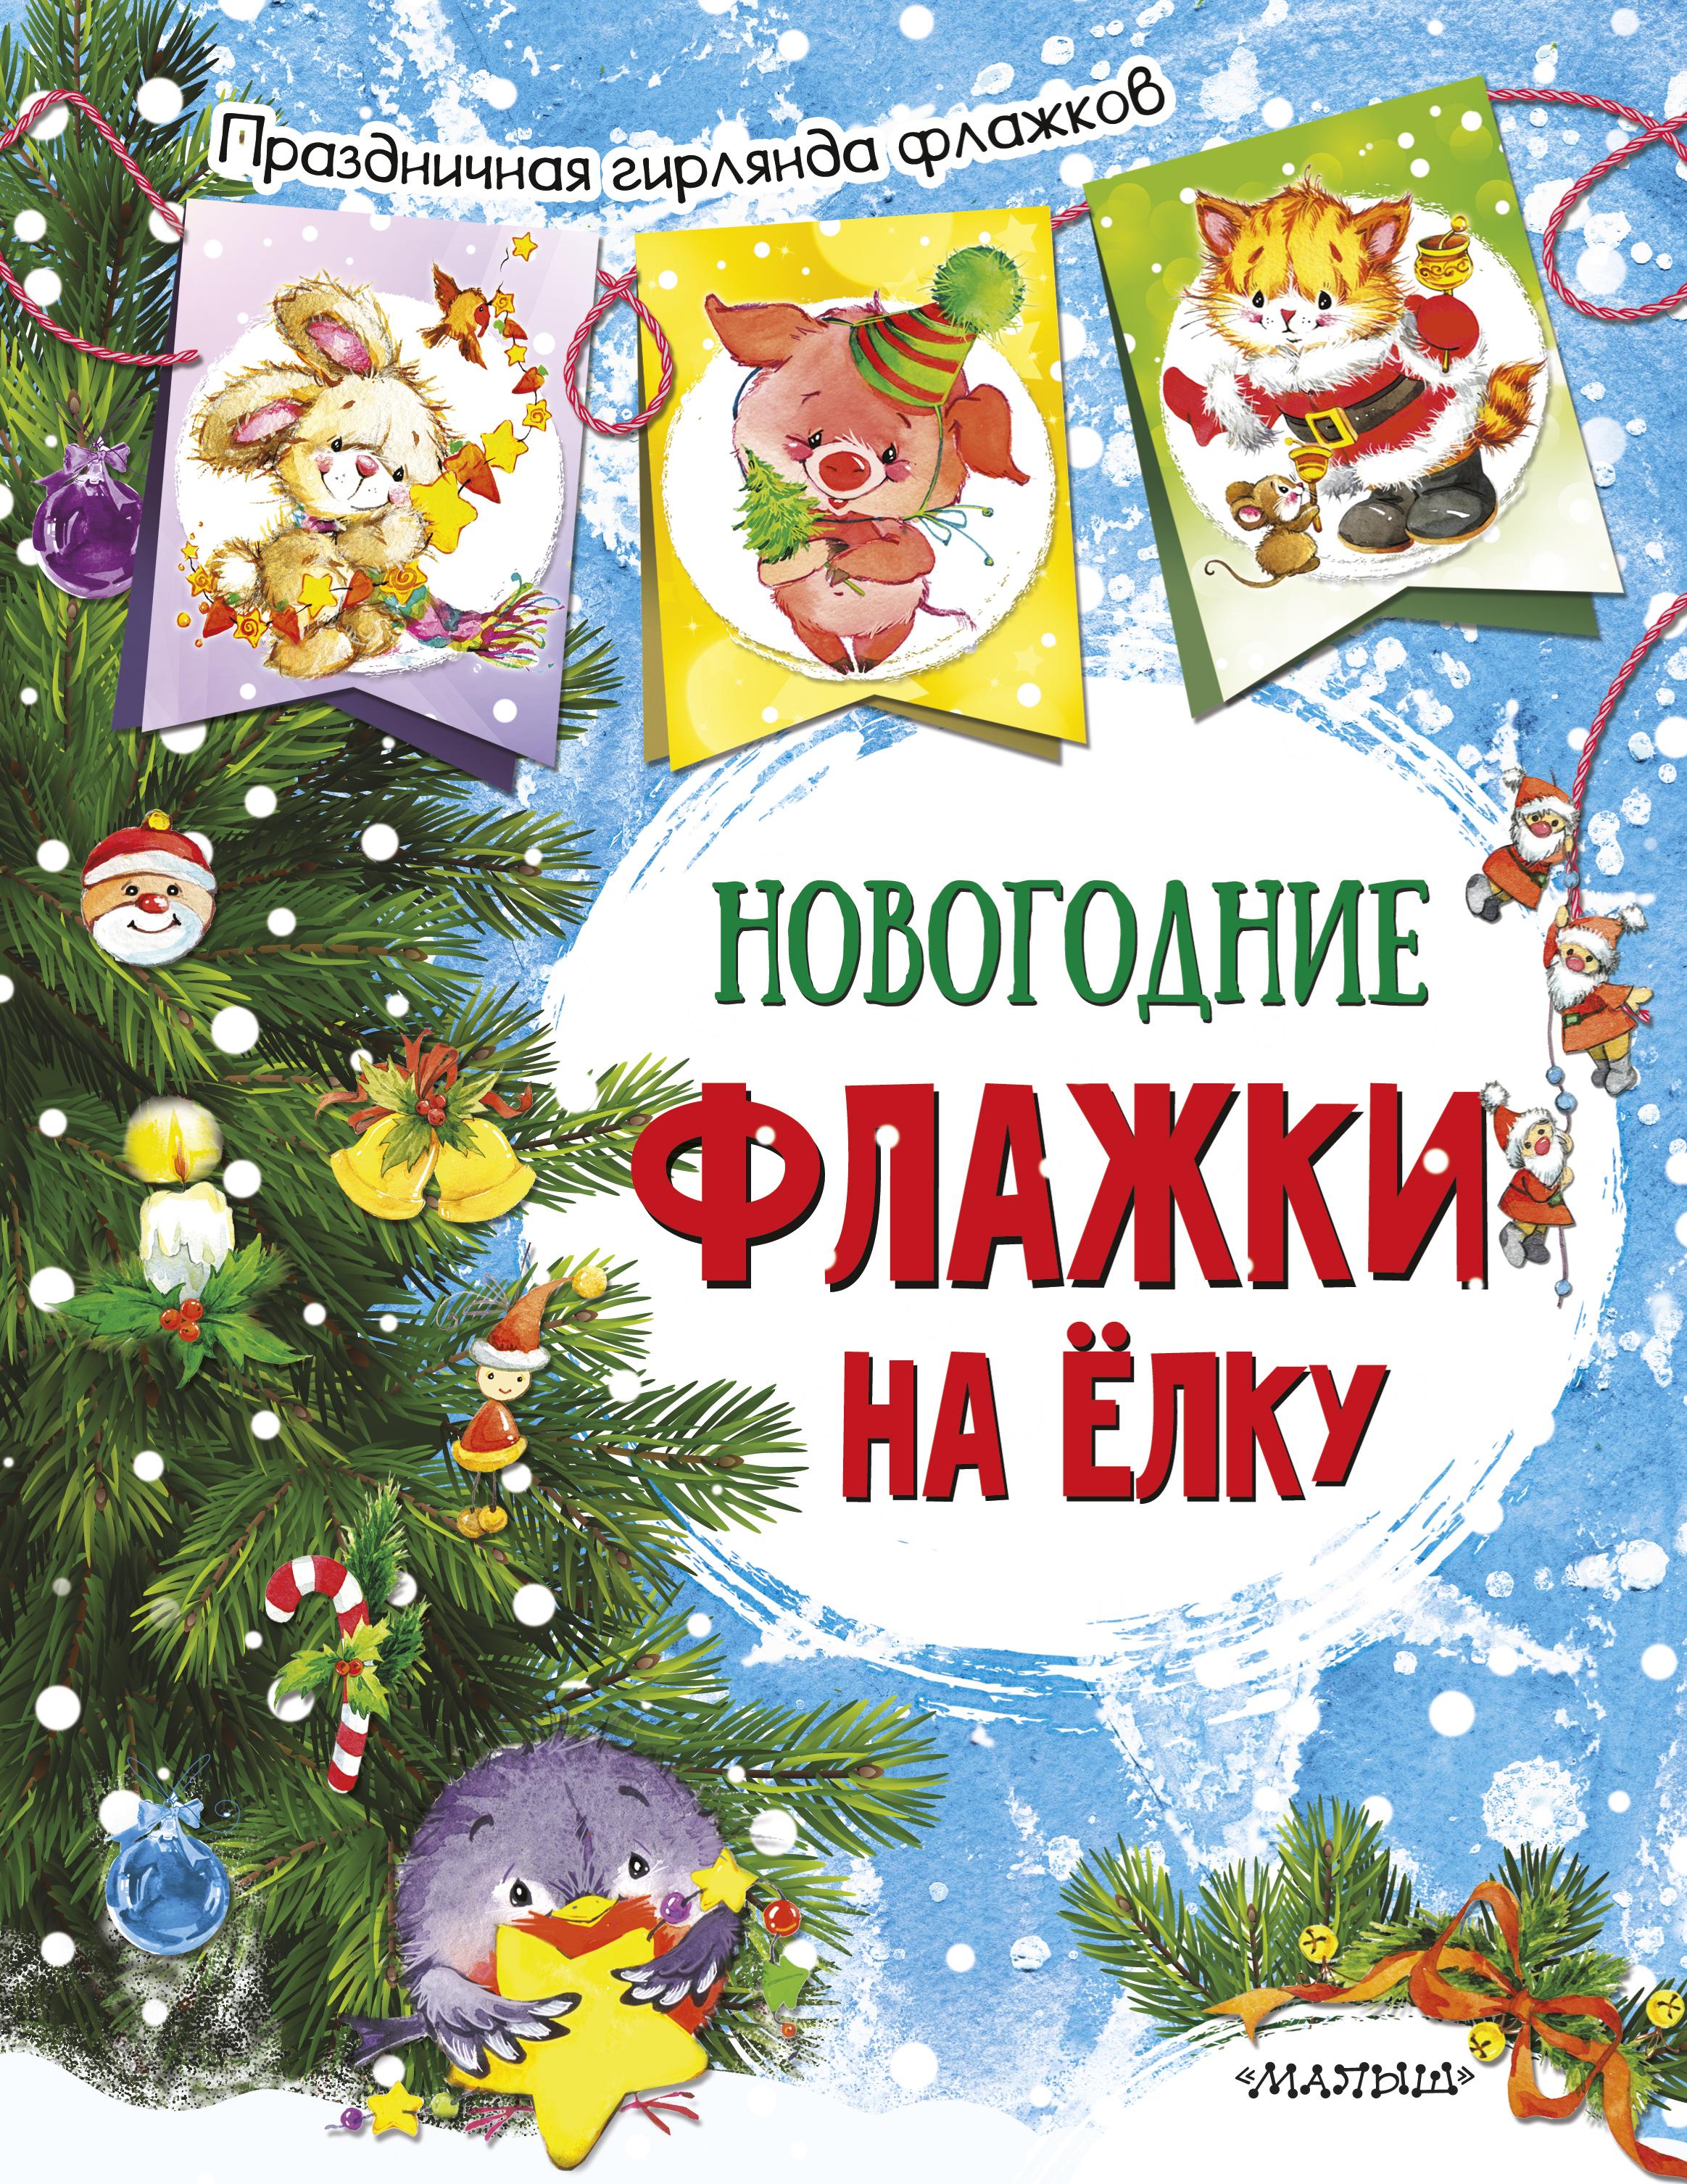 Станкевич С.А. Новогодние флажки на елку (ил. Е.Фаенковой)